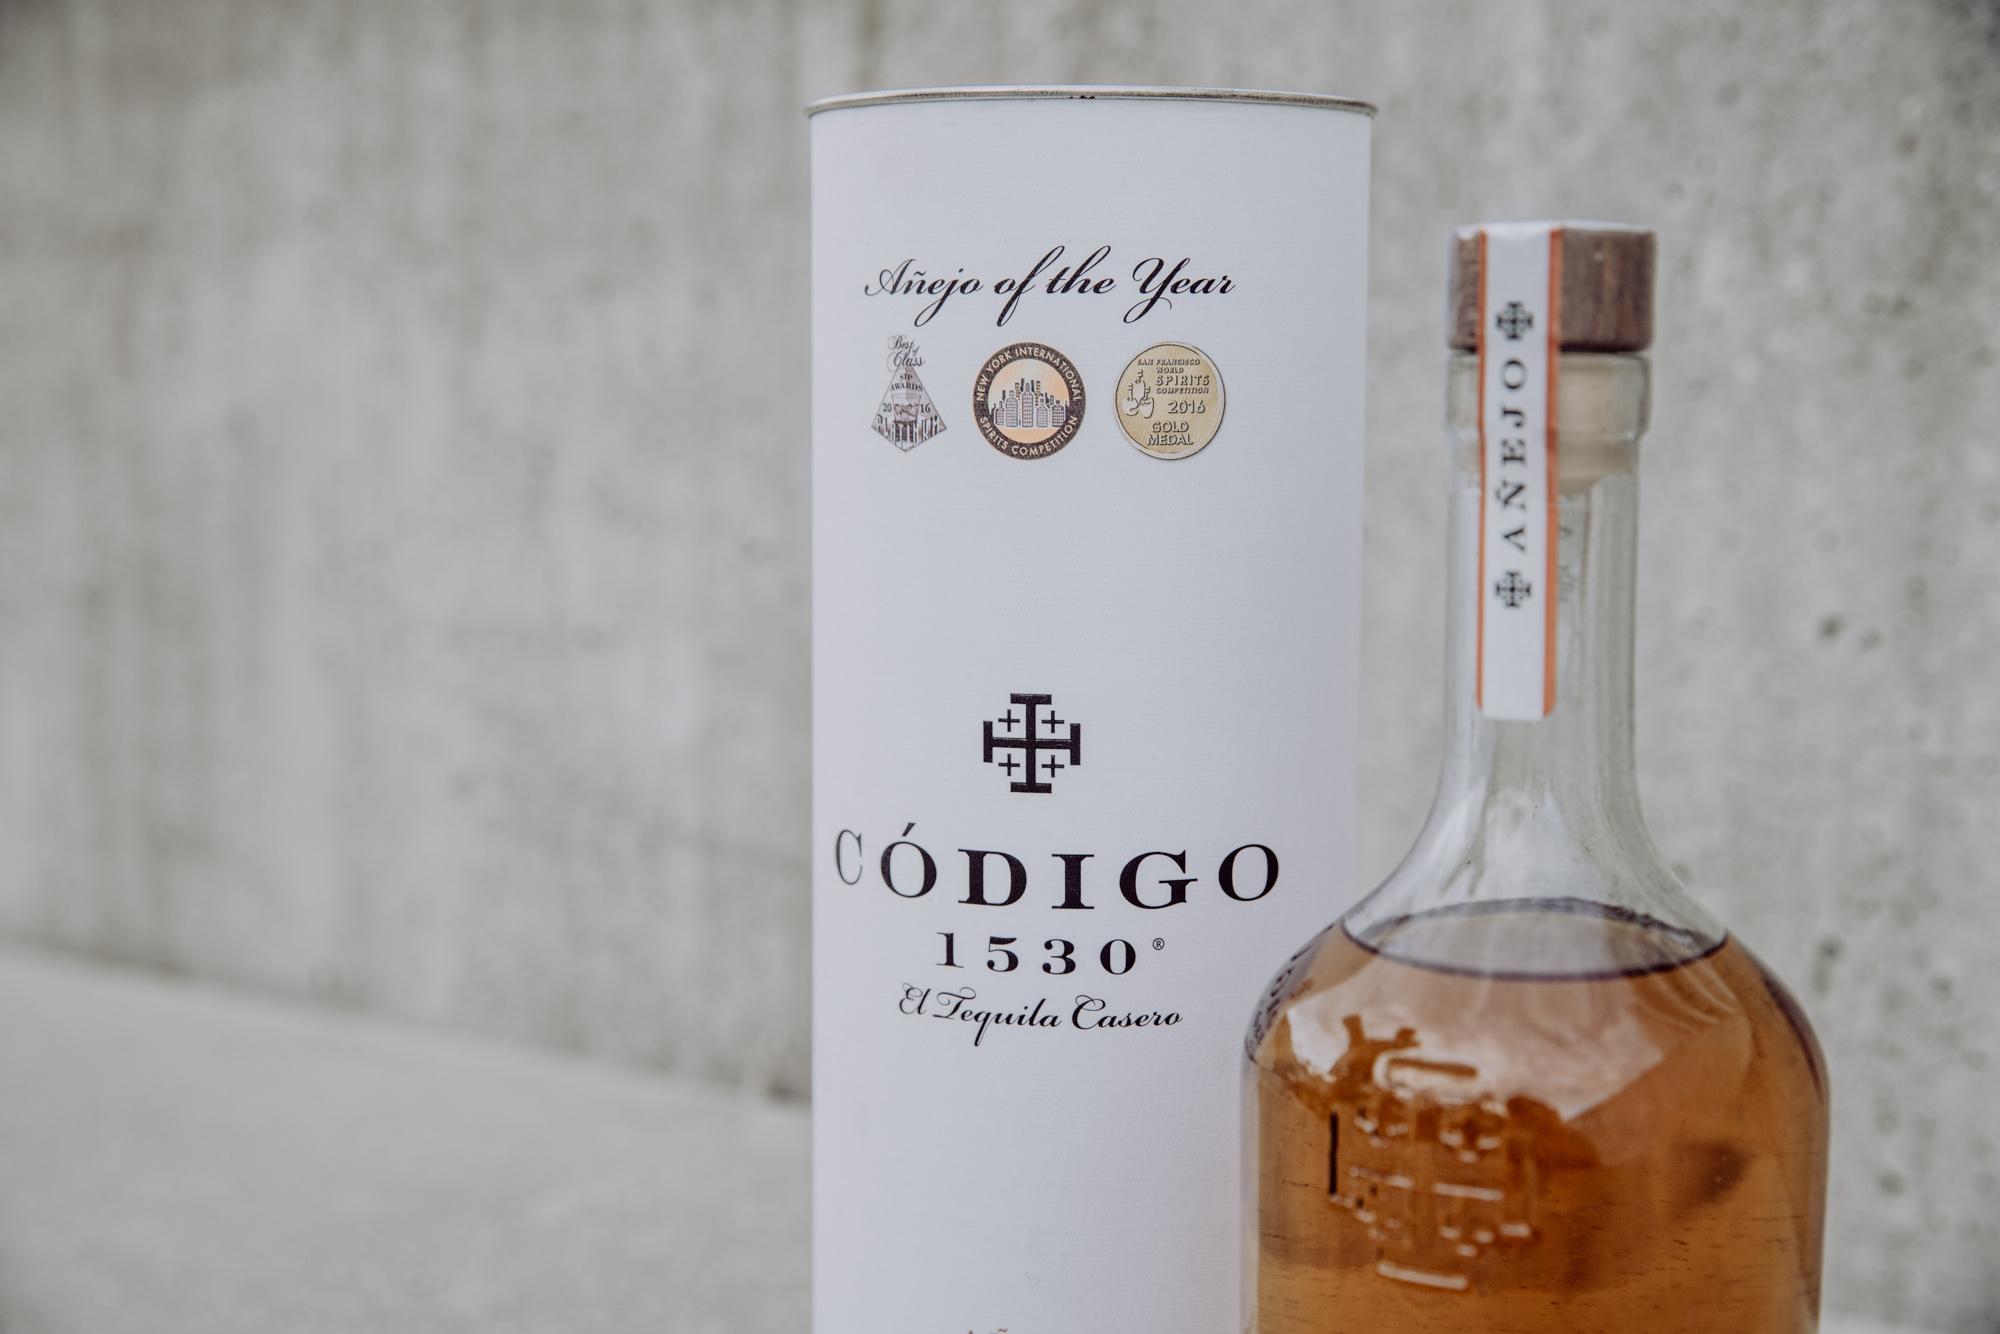 Codigo 1530 Tequila Mexico Codigo Anejo